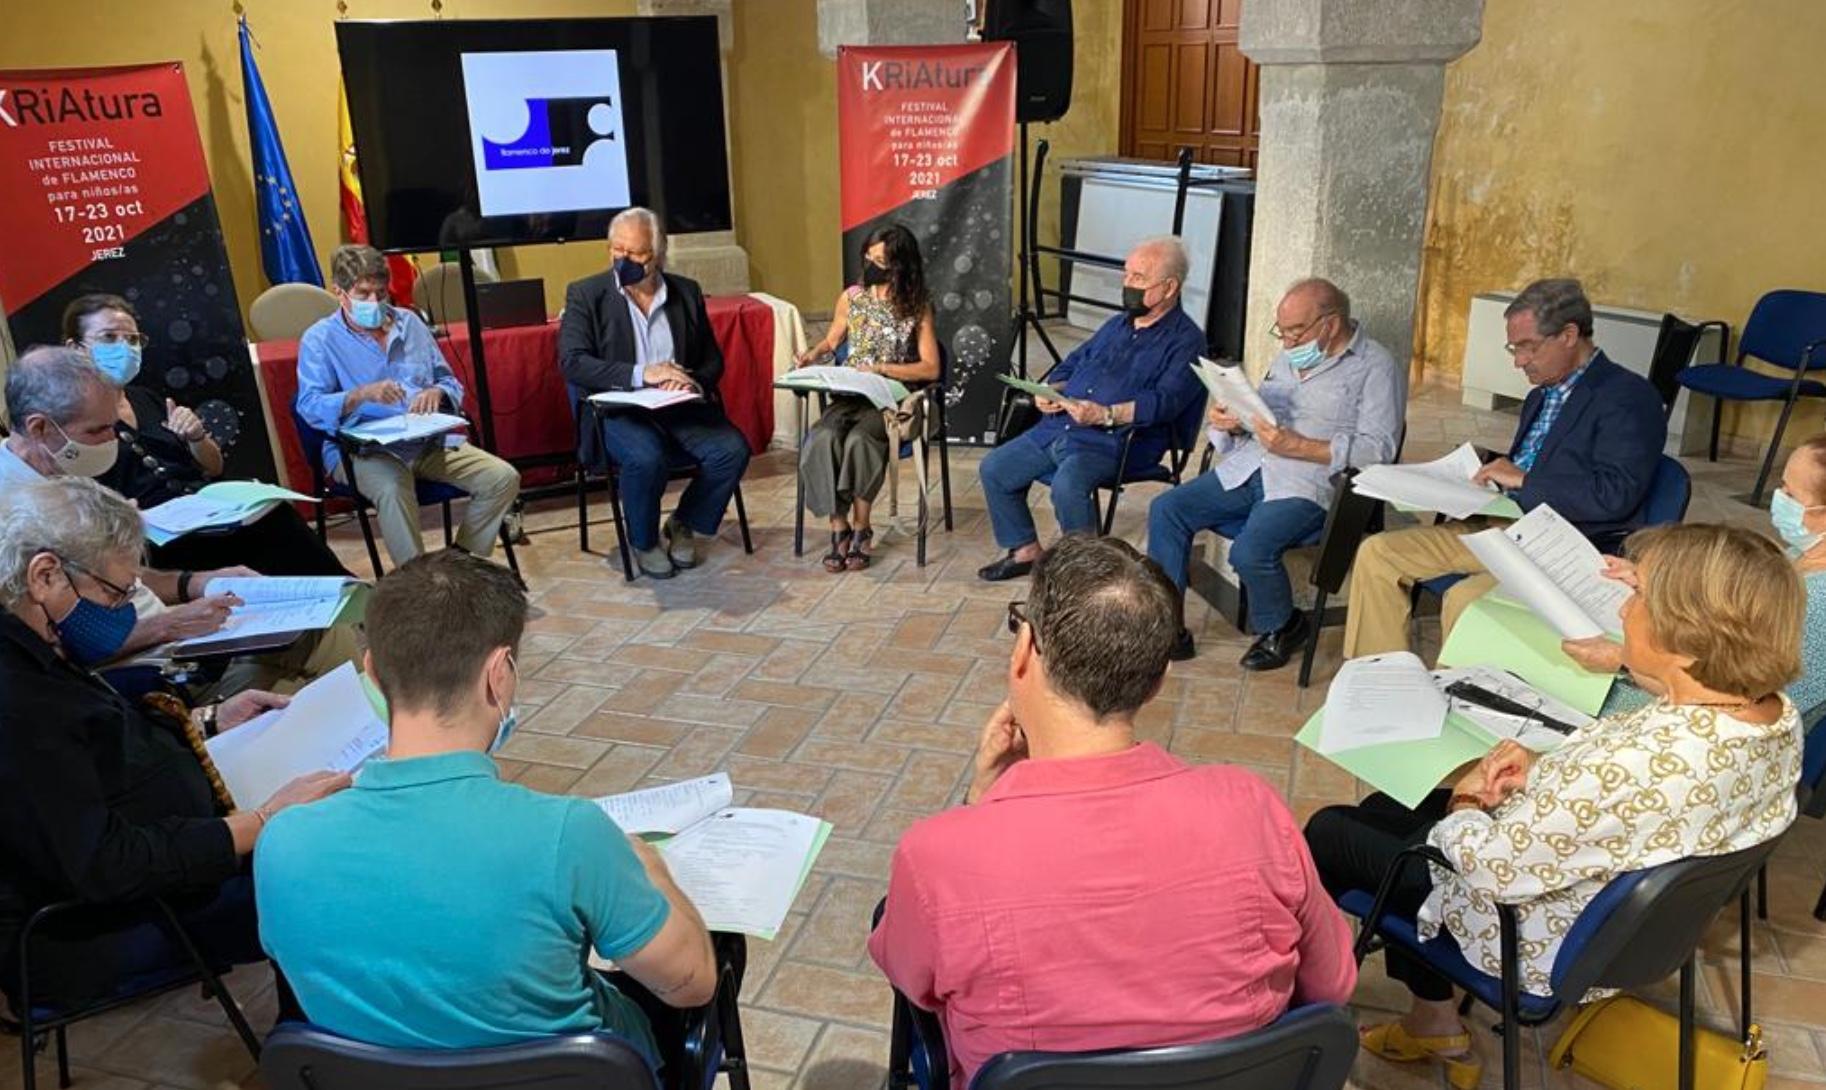 La Mesa del Flamenco de Jerez reconoce el esfuerzo realizado durante la pandemia por mantener los espectáculos programados